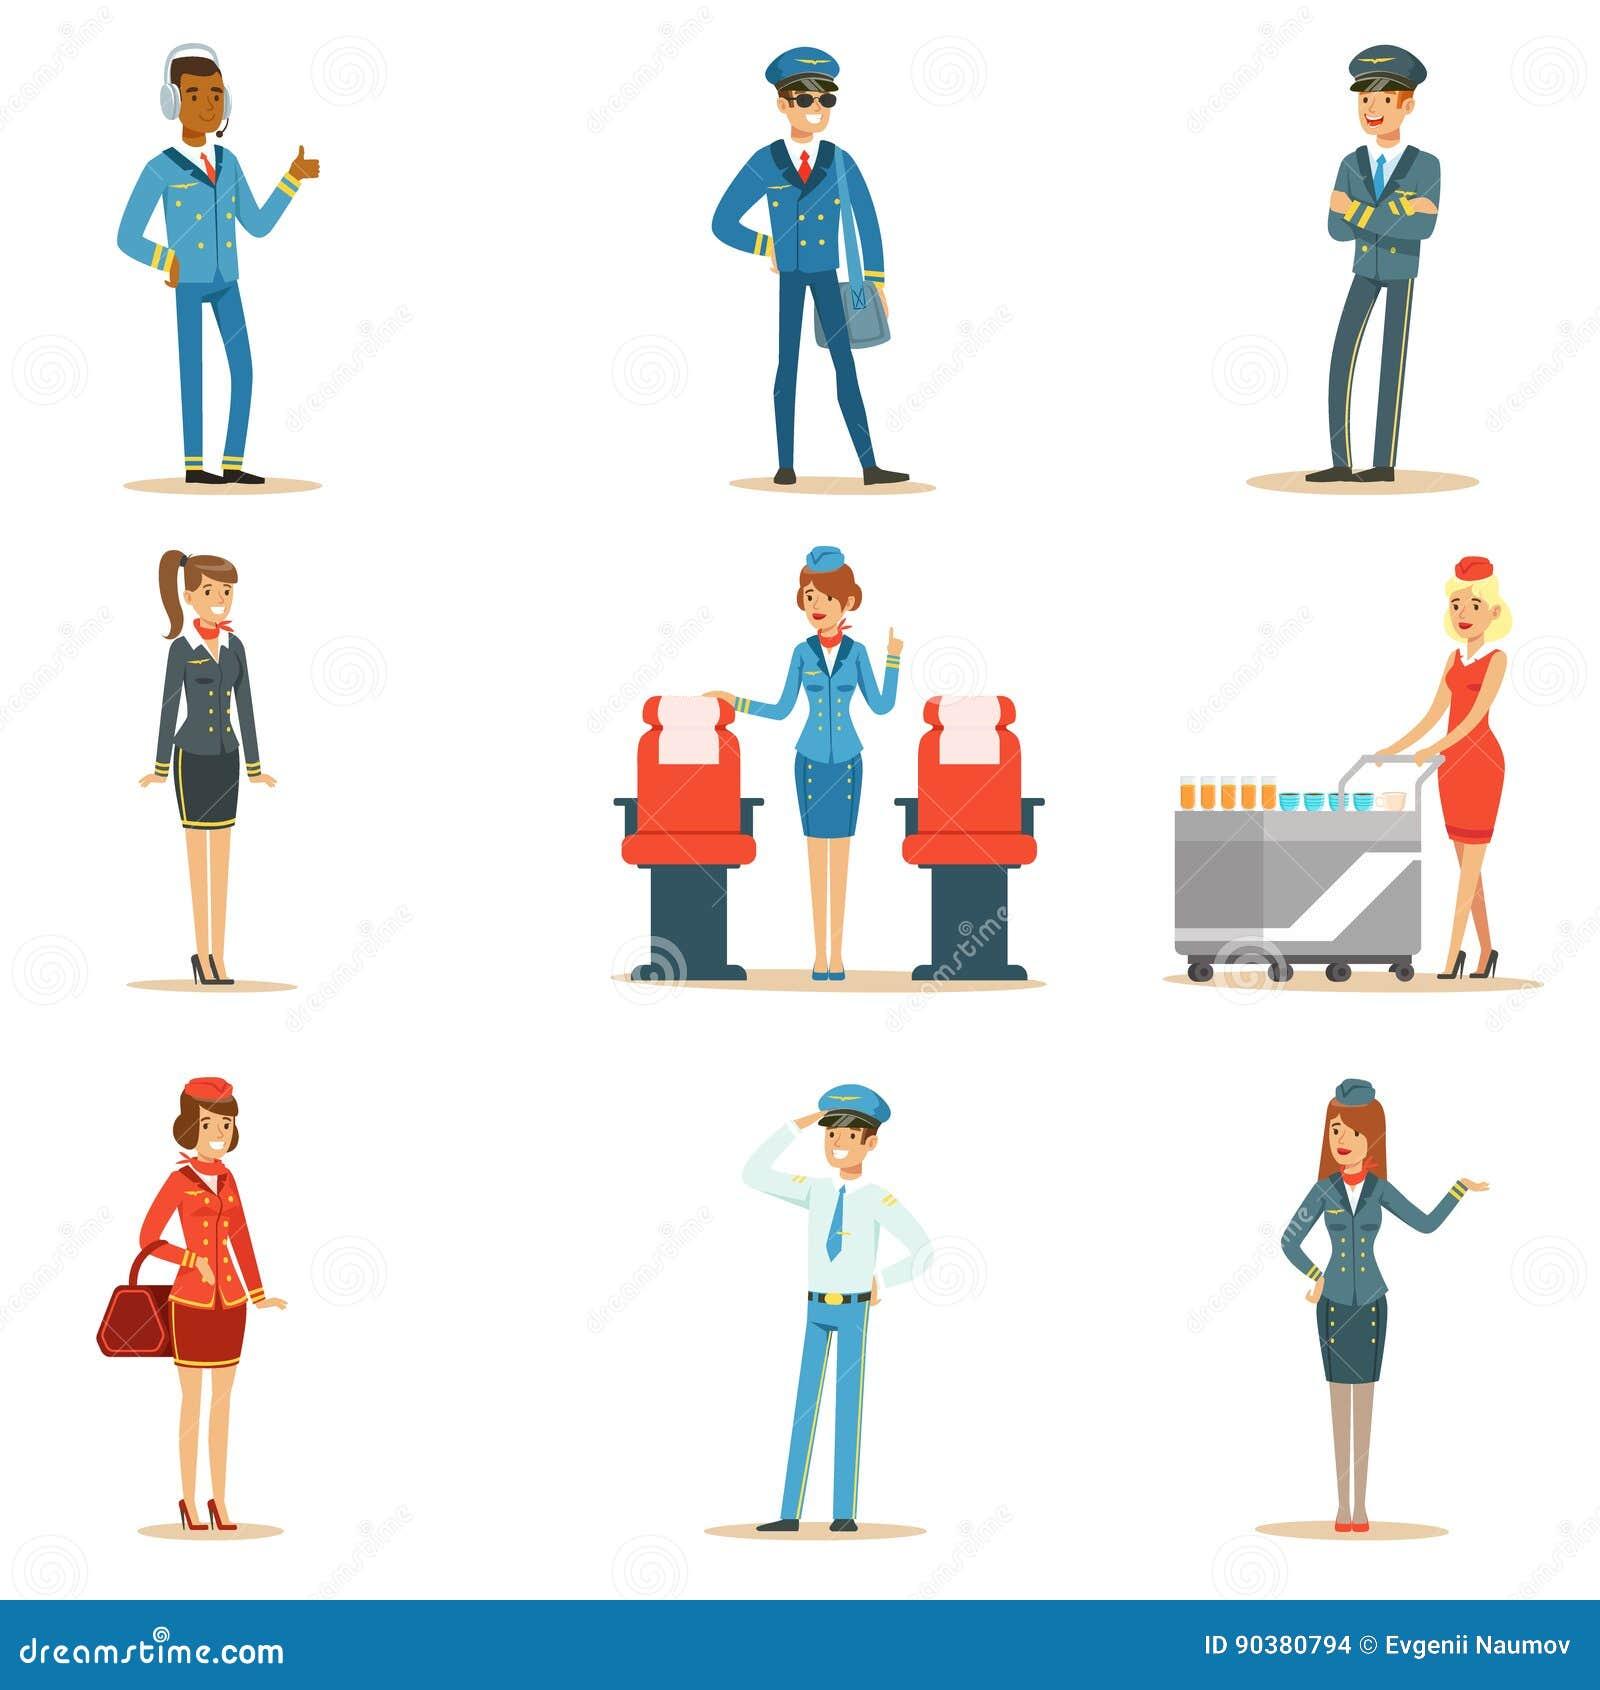 Εμπορικό σύνολο πληρώματος πινάκων πτήσης επαγγελματιών εναέριων μεταφορών που εργάζονται στο αεροπλάνο, τις αεροσυνοδούς και του